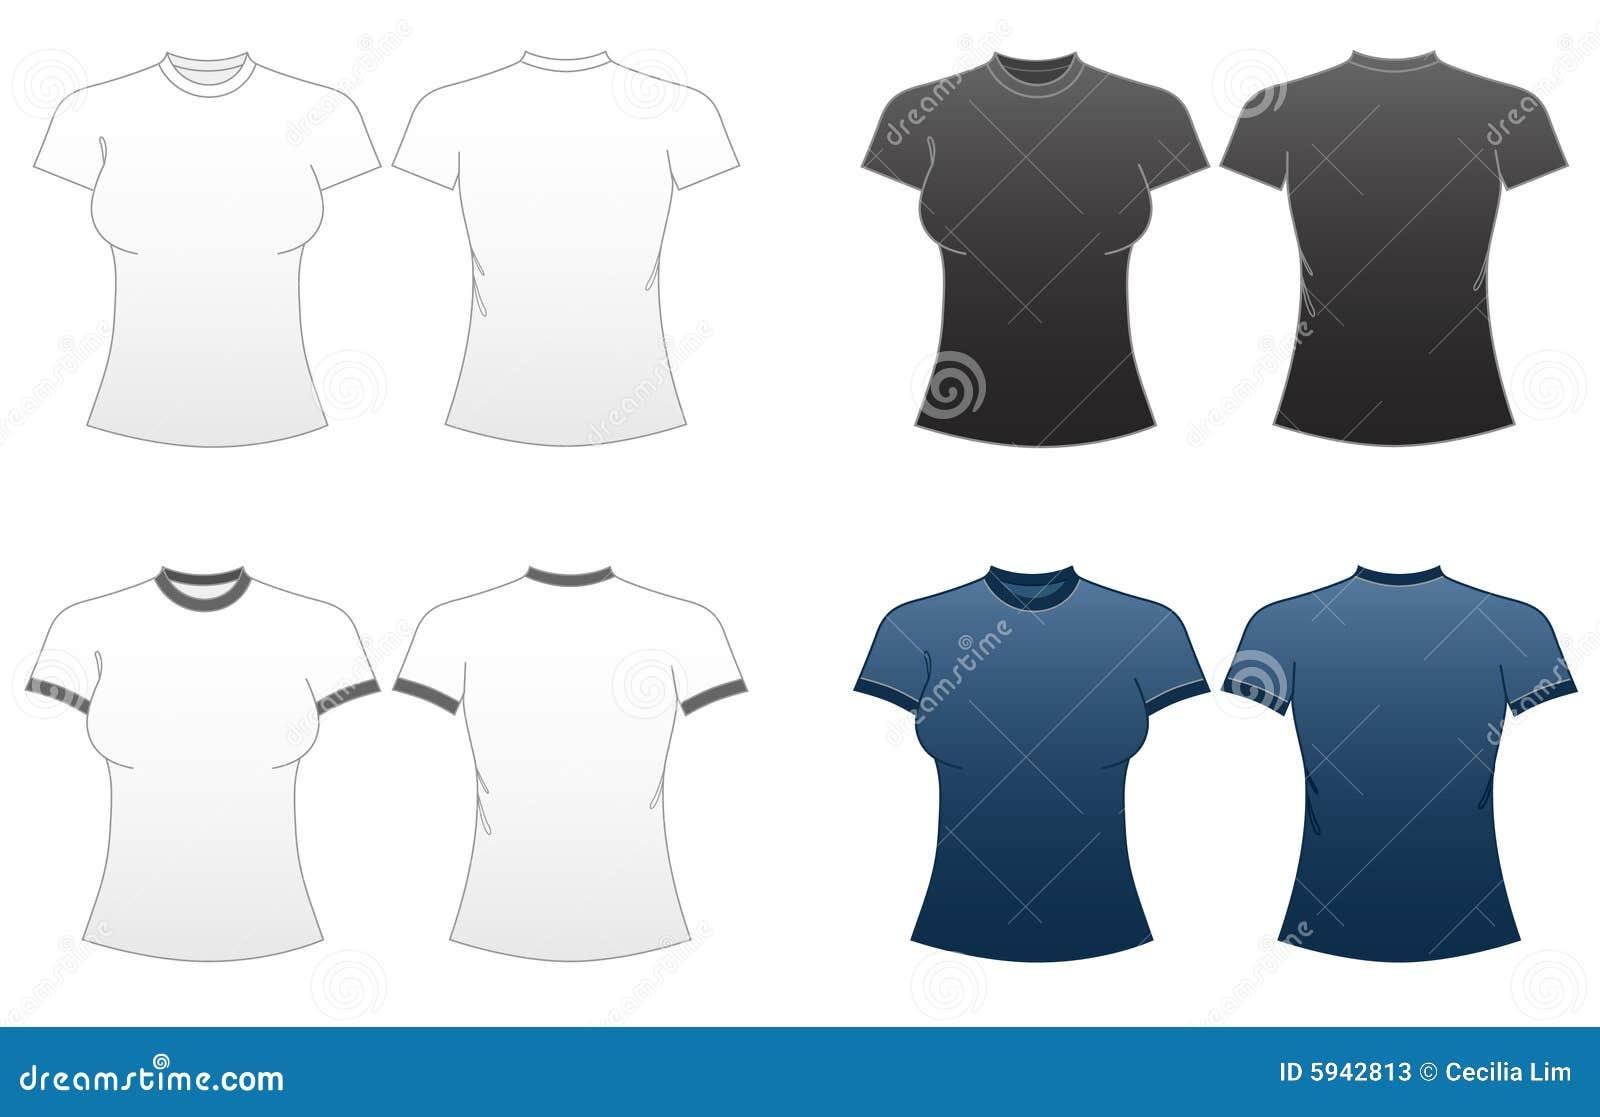 1 t zmieścić serii szablonów koszulowe kobiety